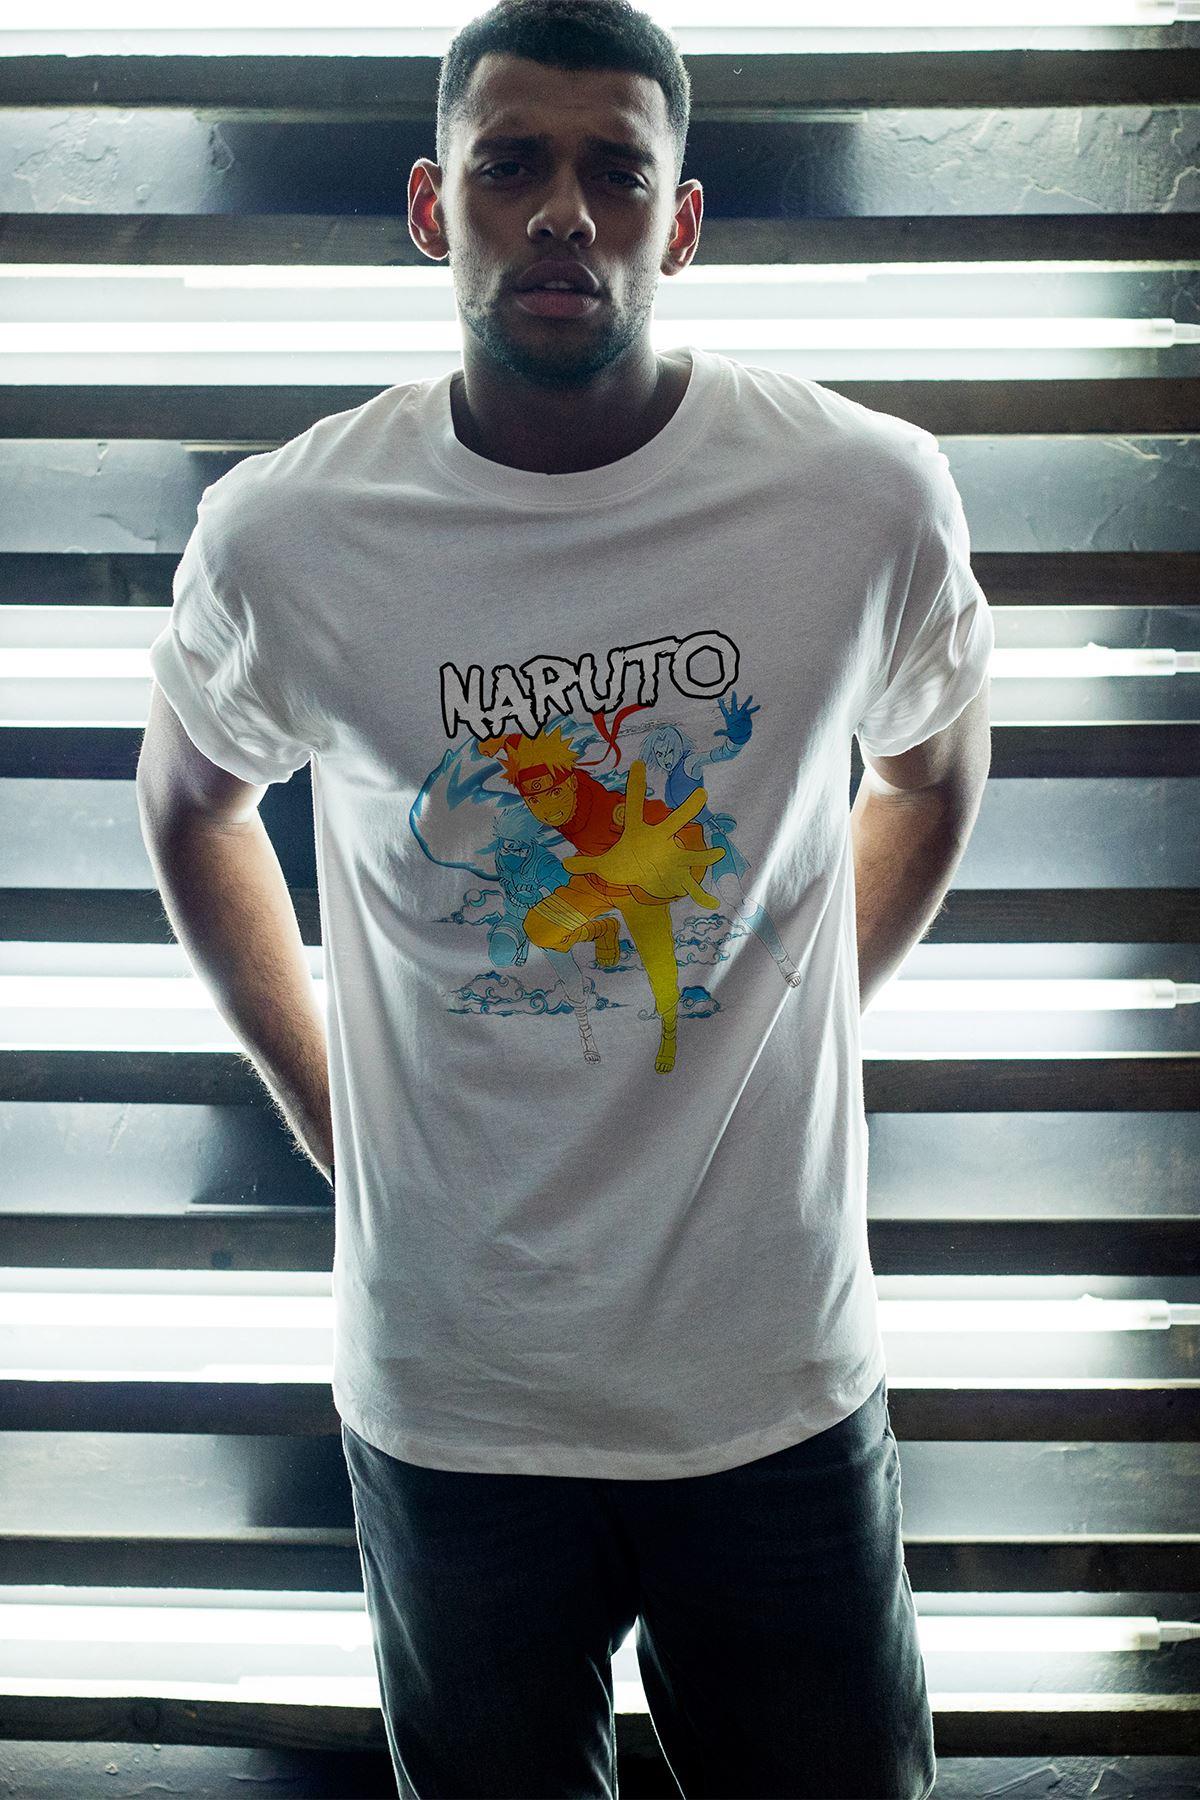 Naruto Anime 03 Beyaz Erkek Oversize Tshirt - Tişört